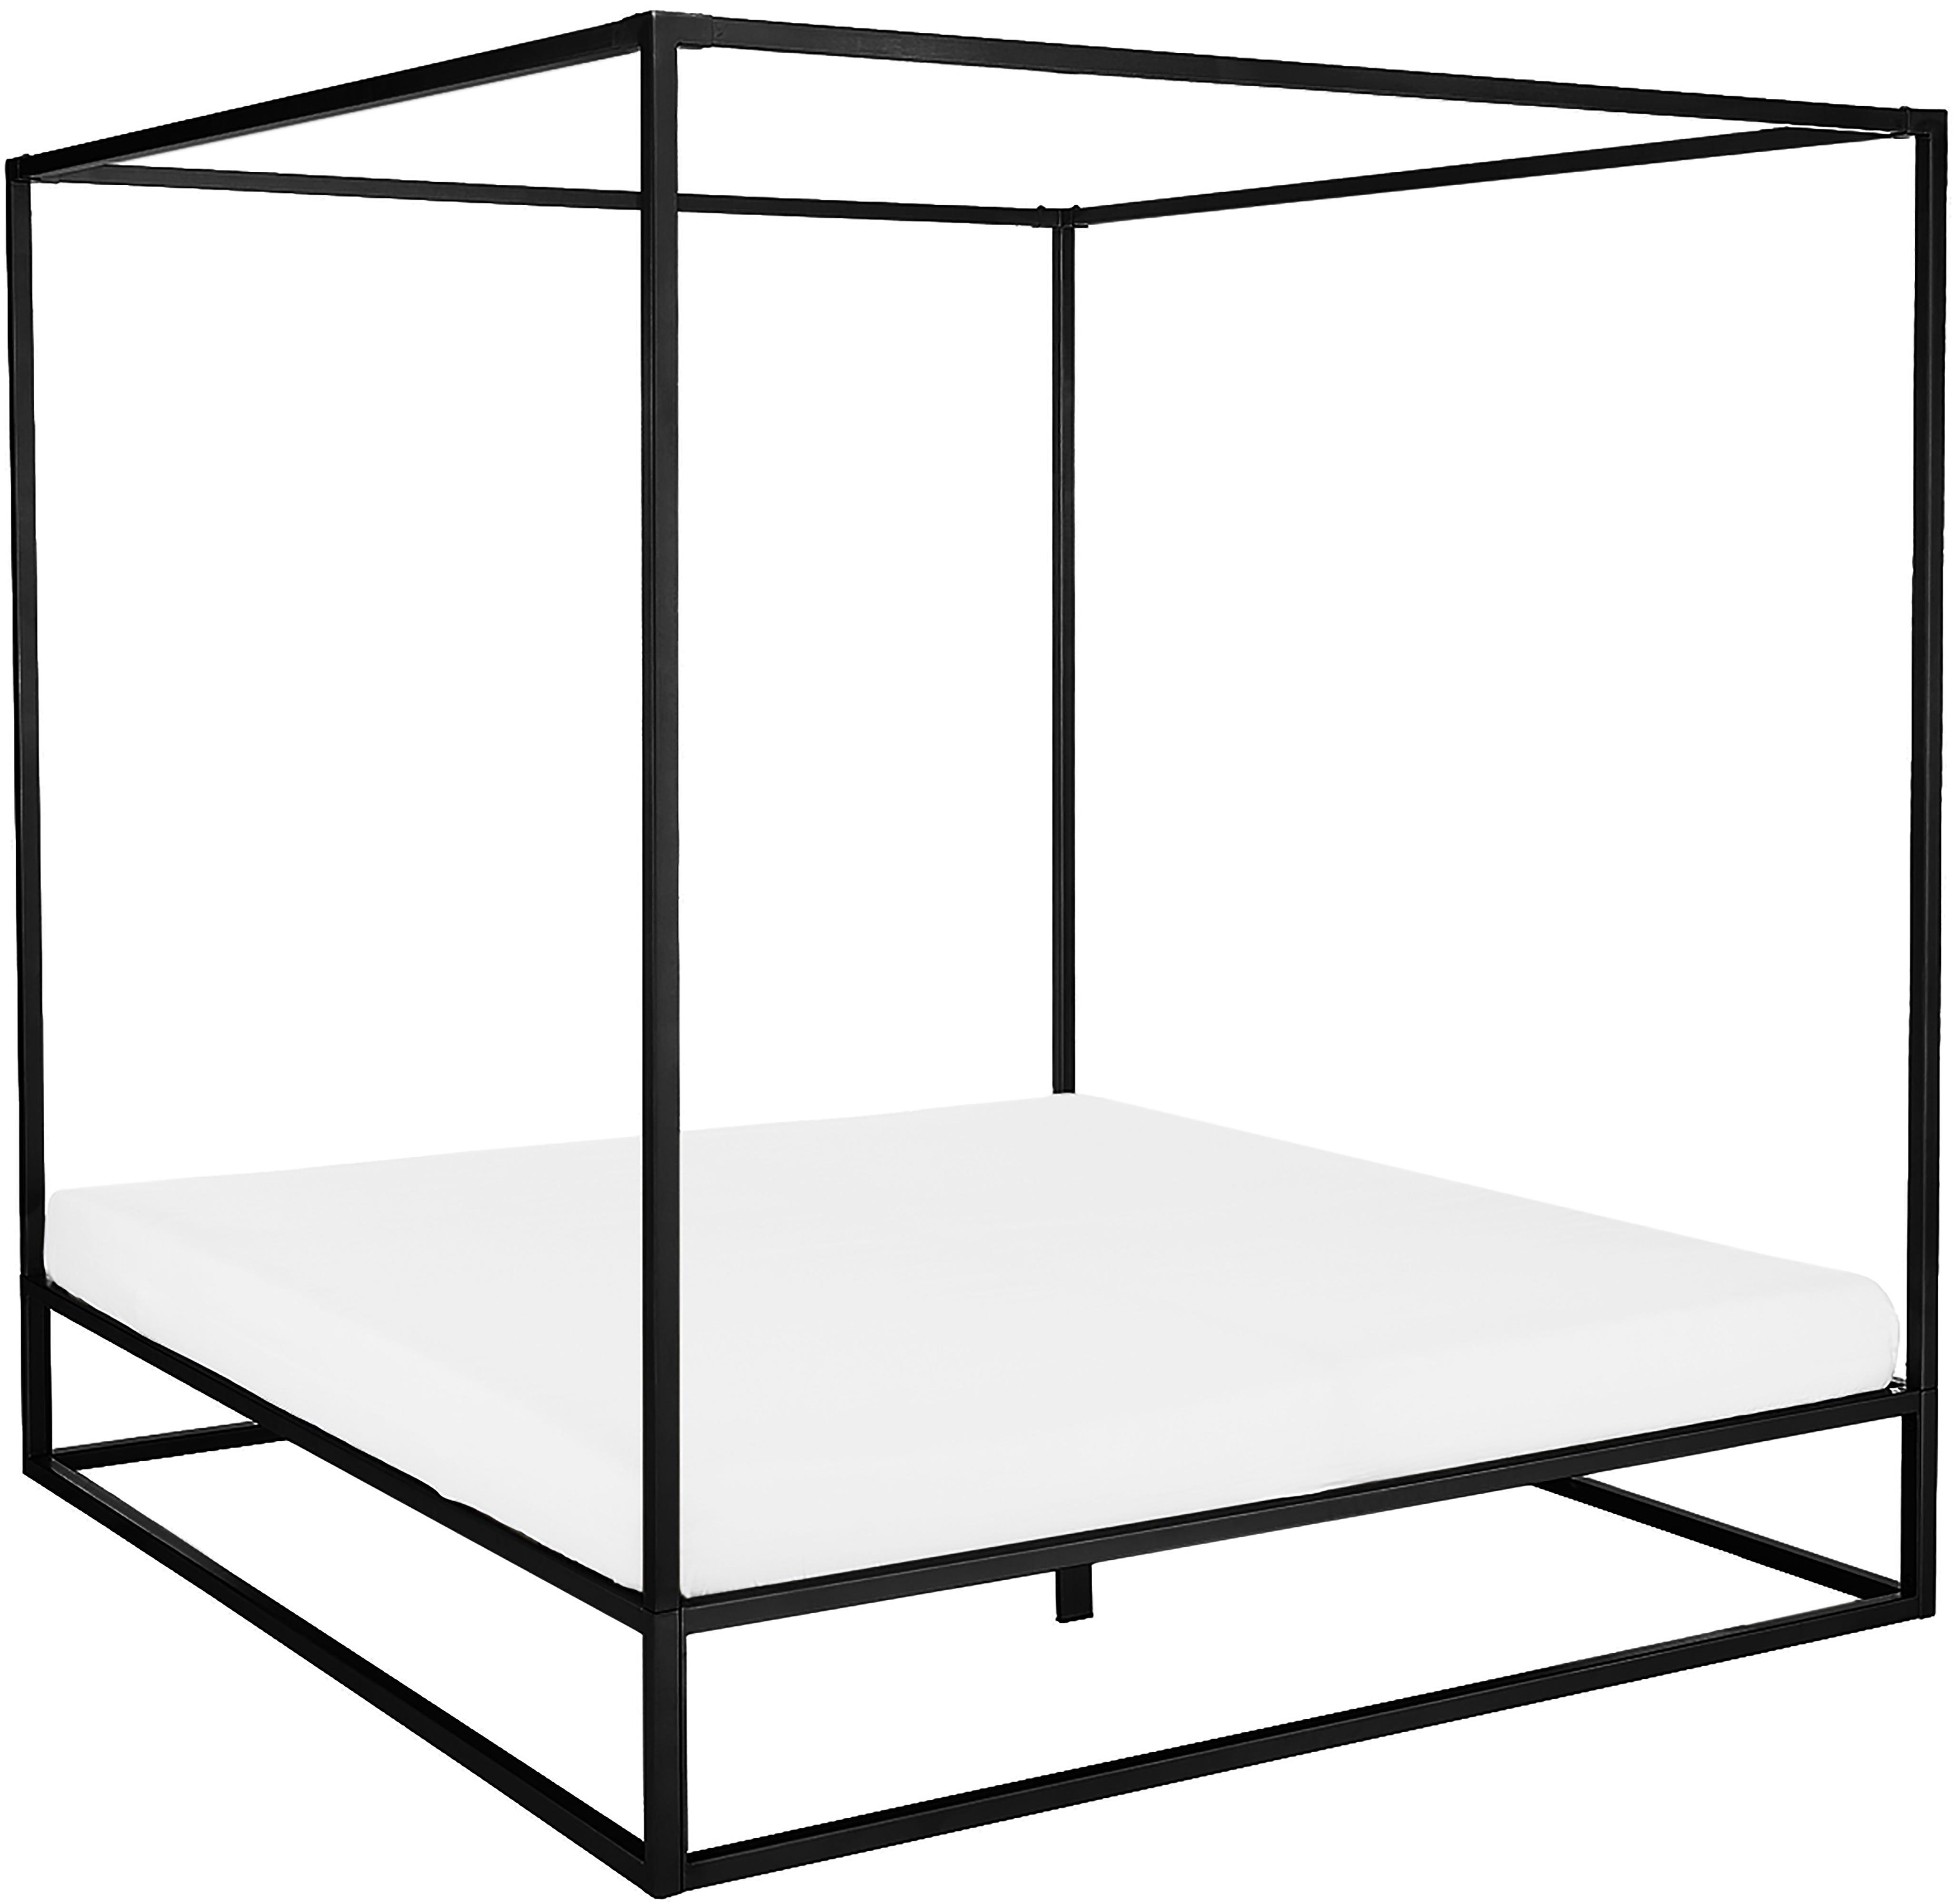 Himmelbett Belle, Metall, pulverbeschichtet, Schwarz, matt, 180 x 200 cm